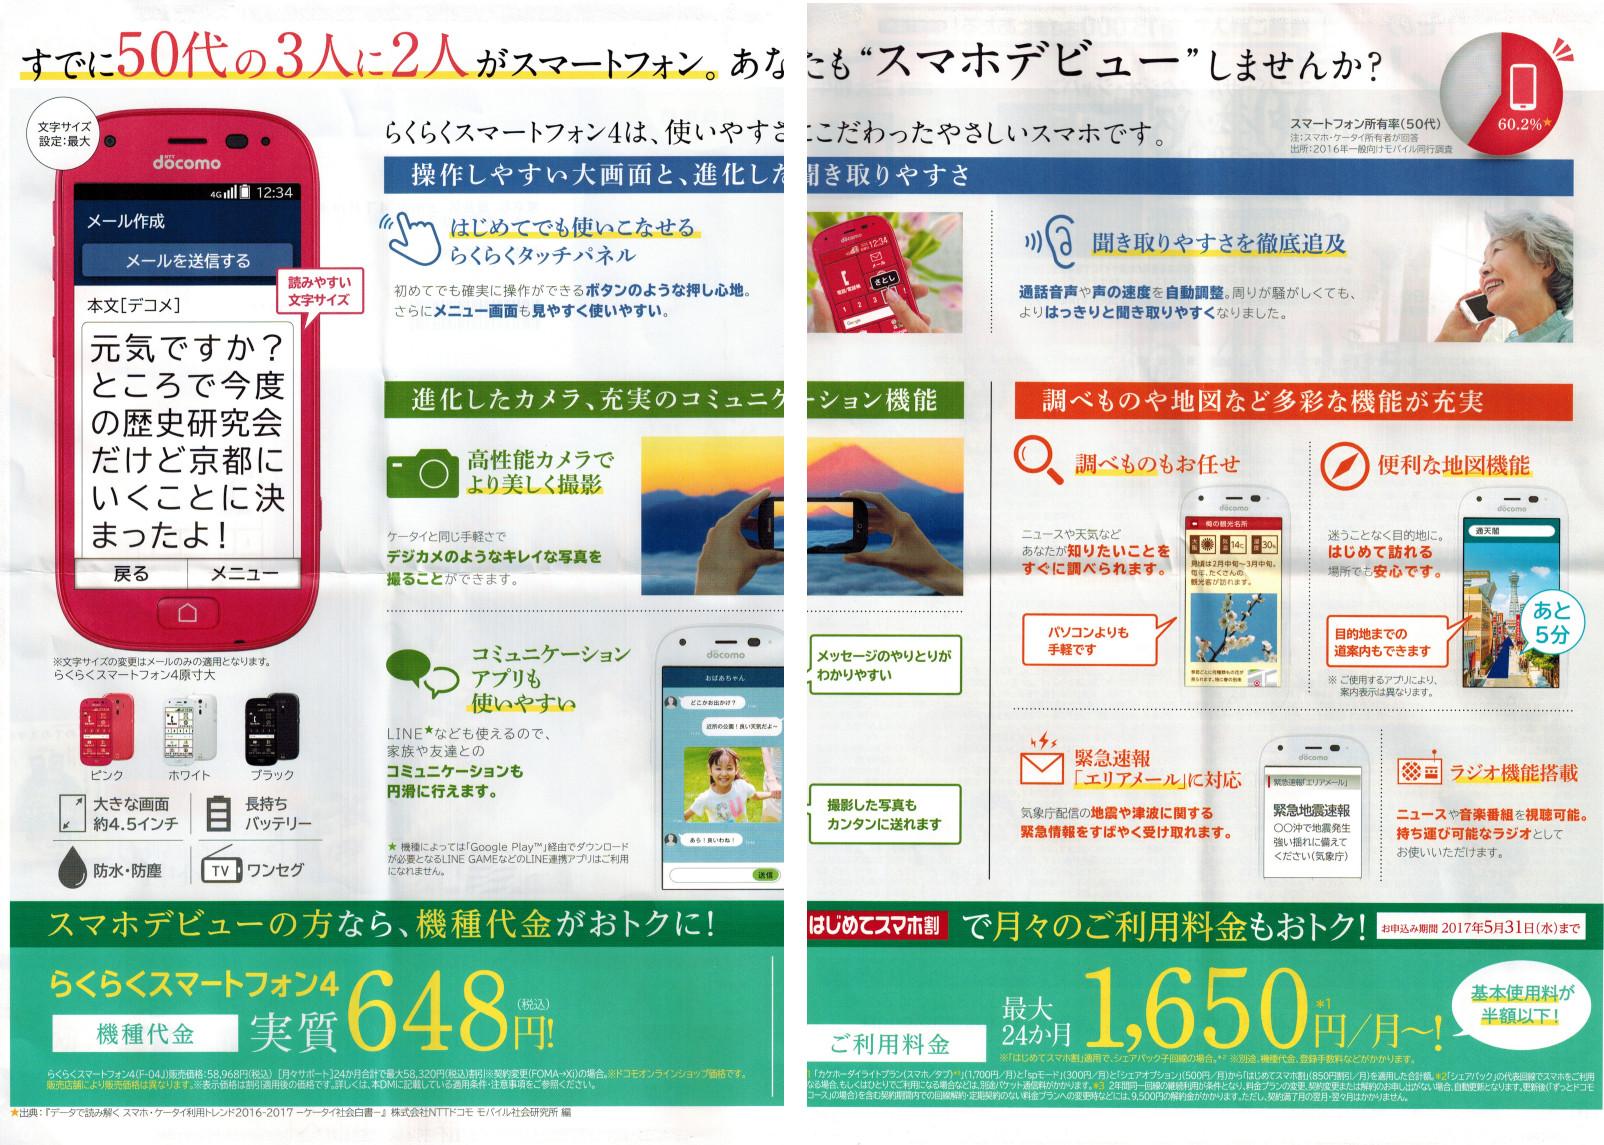 NTTドコモのスマートフォンパンフレット